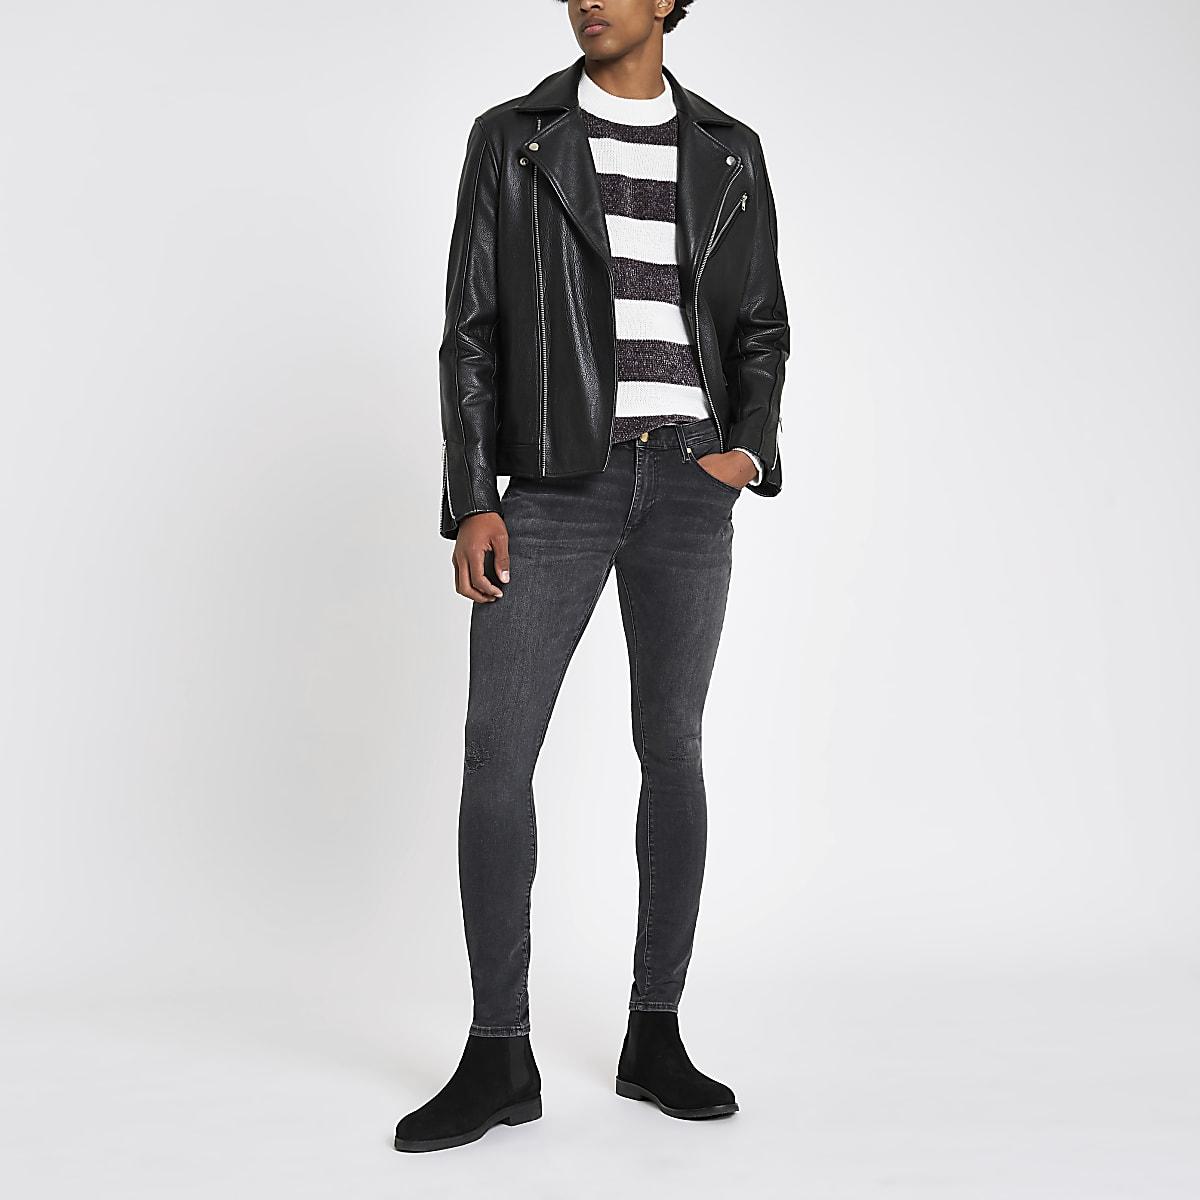 Black Ollie skinny spray on jeans